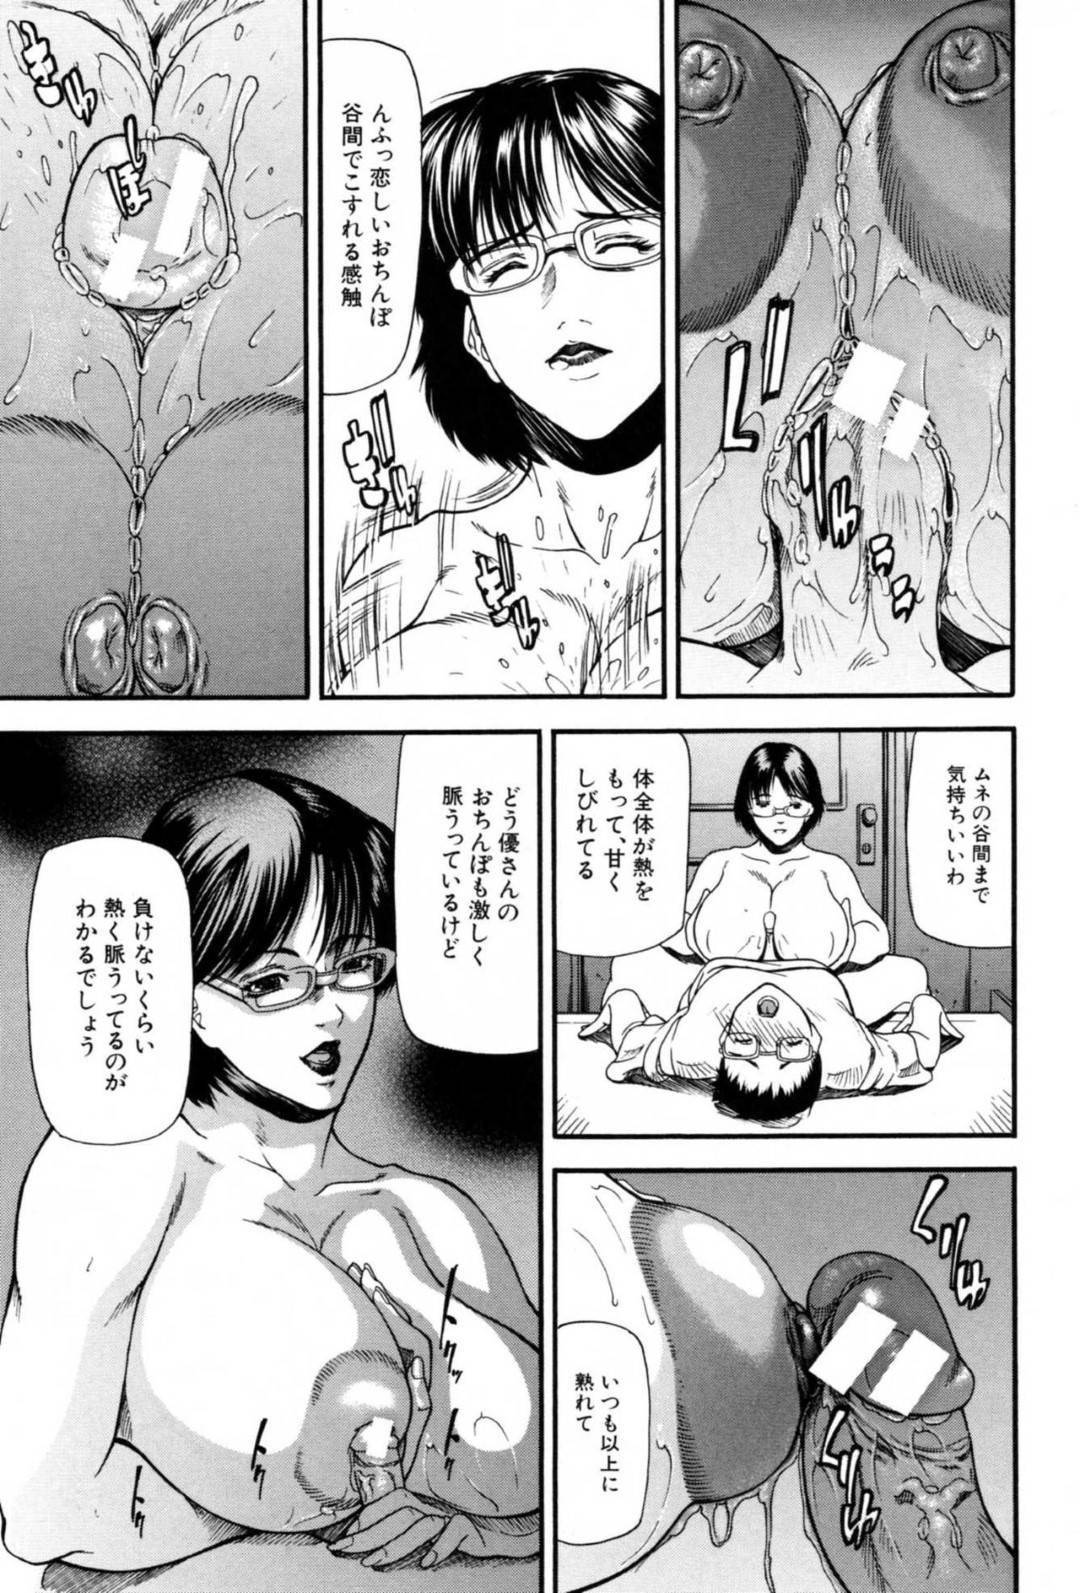 【エロ漫画】不倫相手の男子高生を毎日家に呼ぶことにした人妻熟女は、毎日若いちんぽに生ハメされてイキまくり精子を搾り取る!